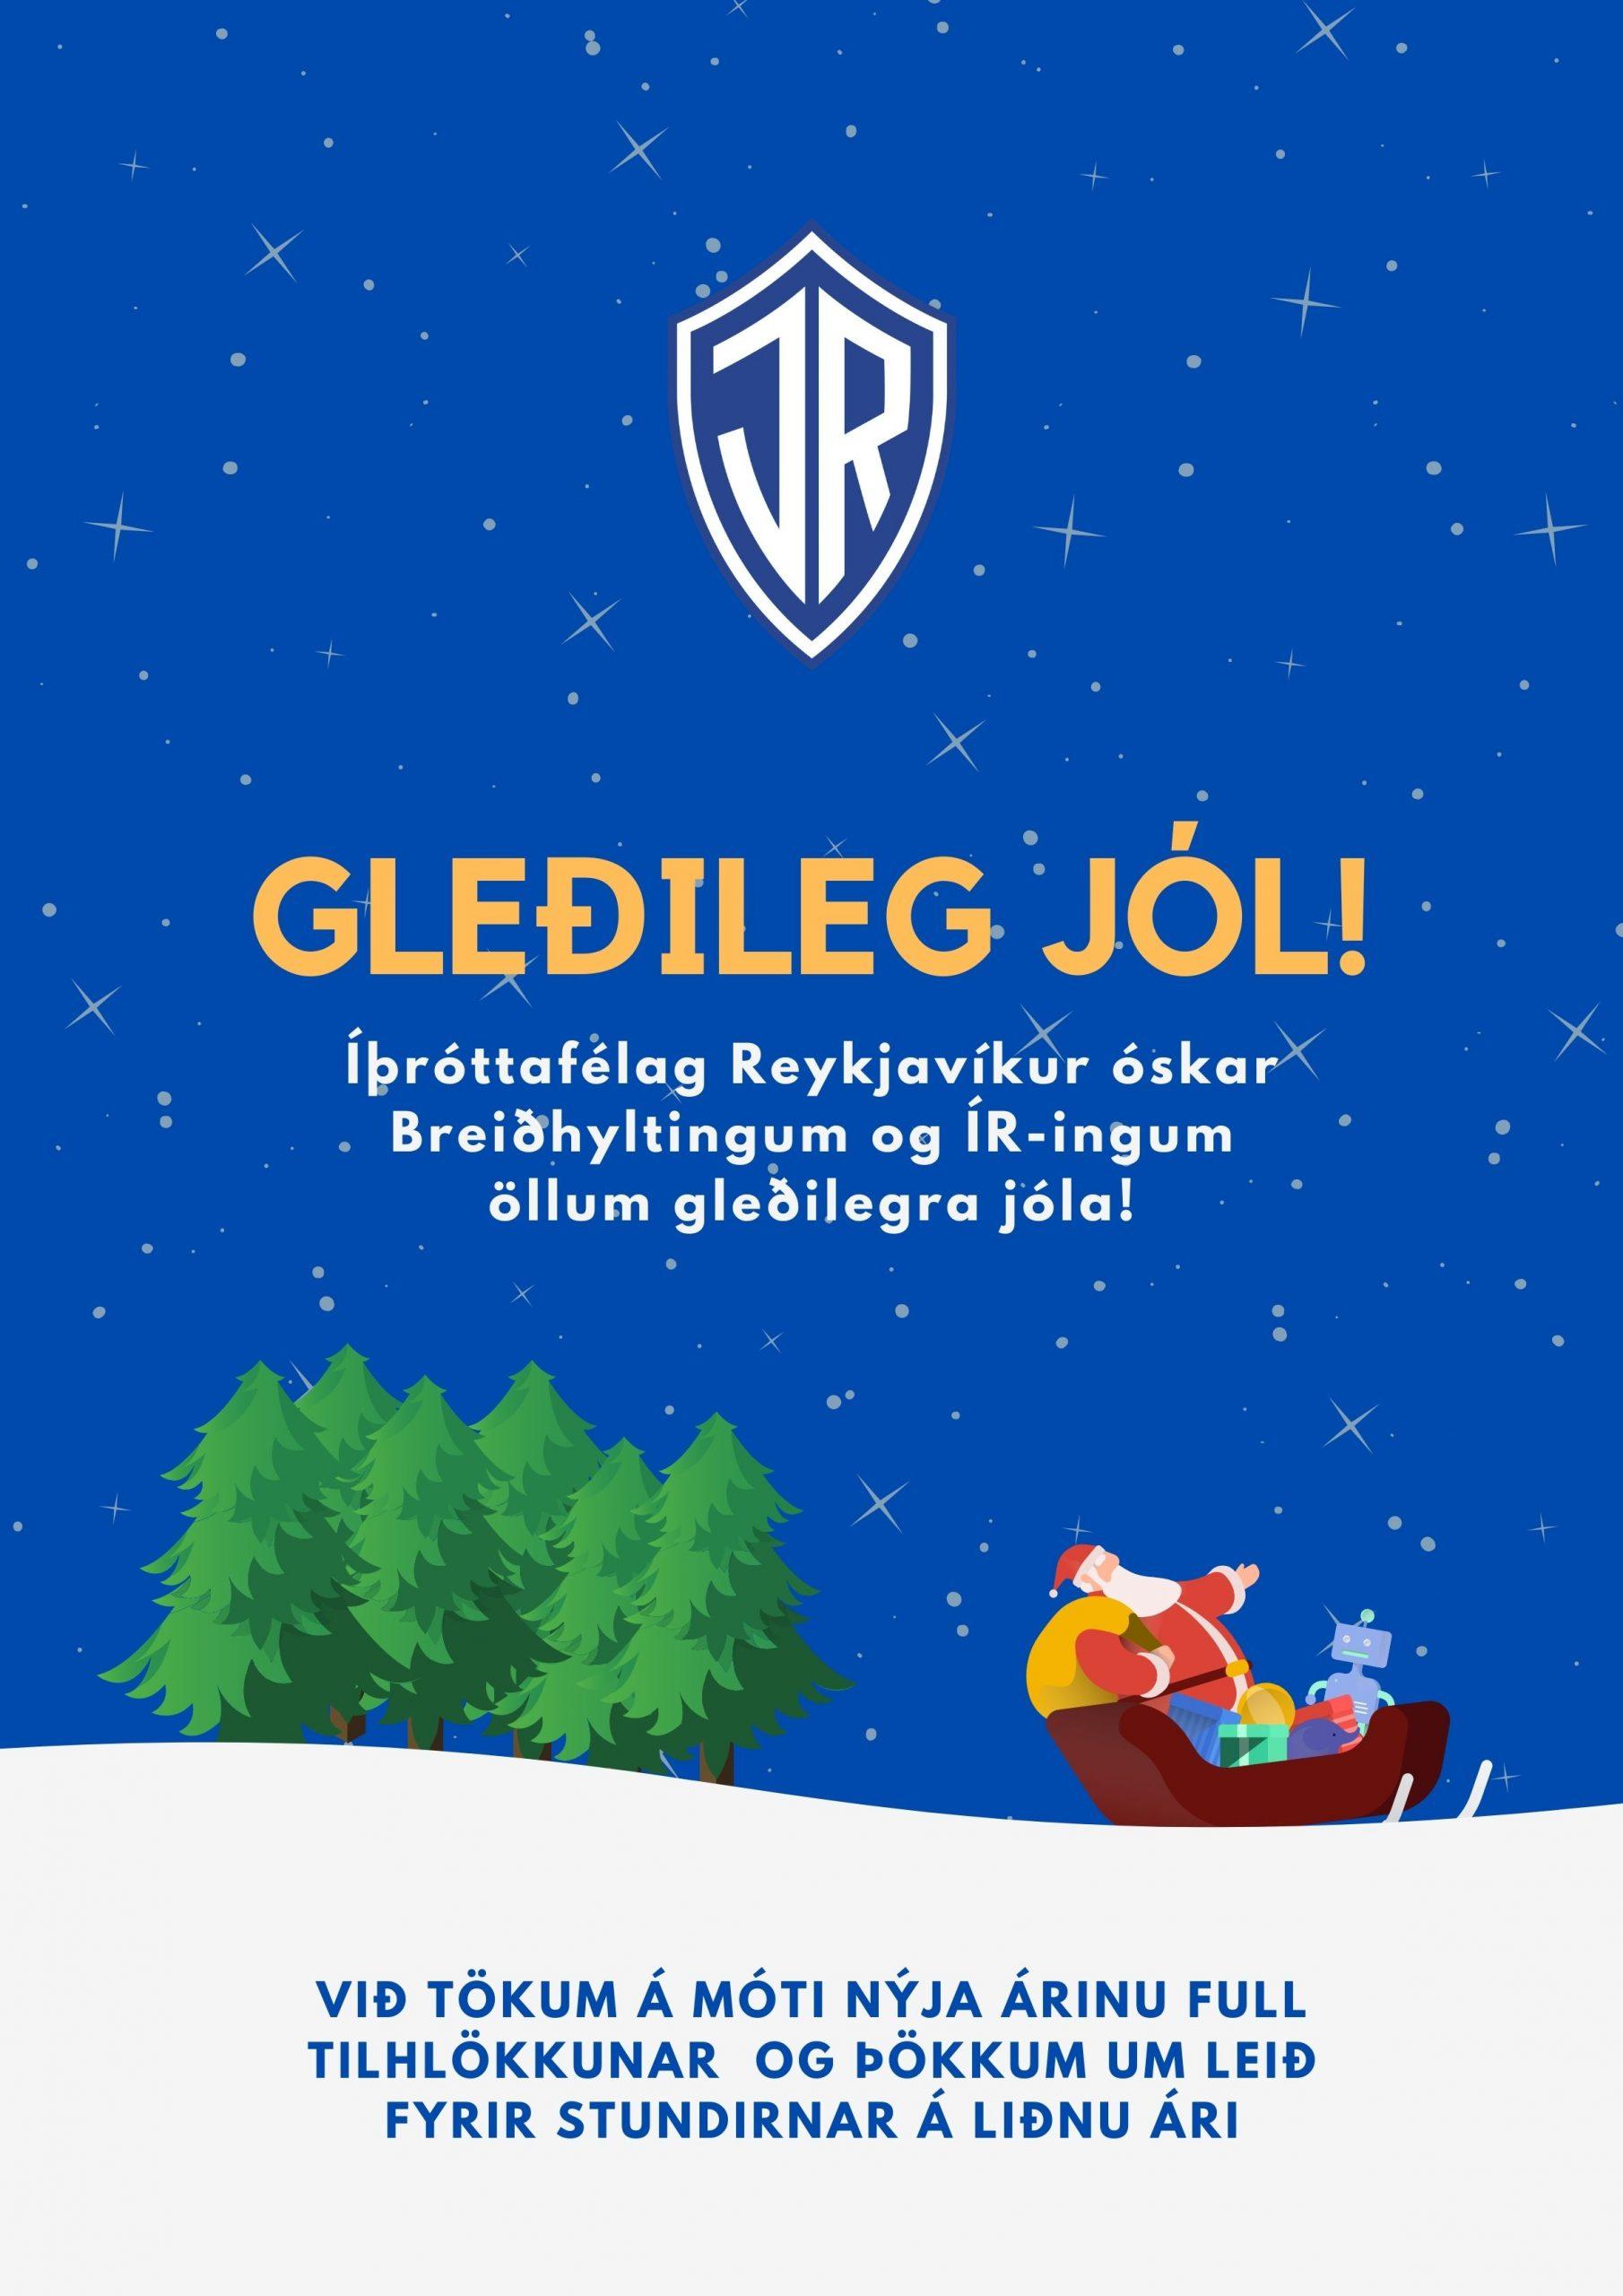 Íþróttafélag Reykjavíkur óskar öllum ÍR-ingum gleðilegra jóla! graphic